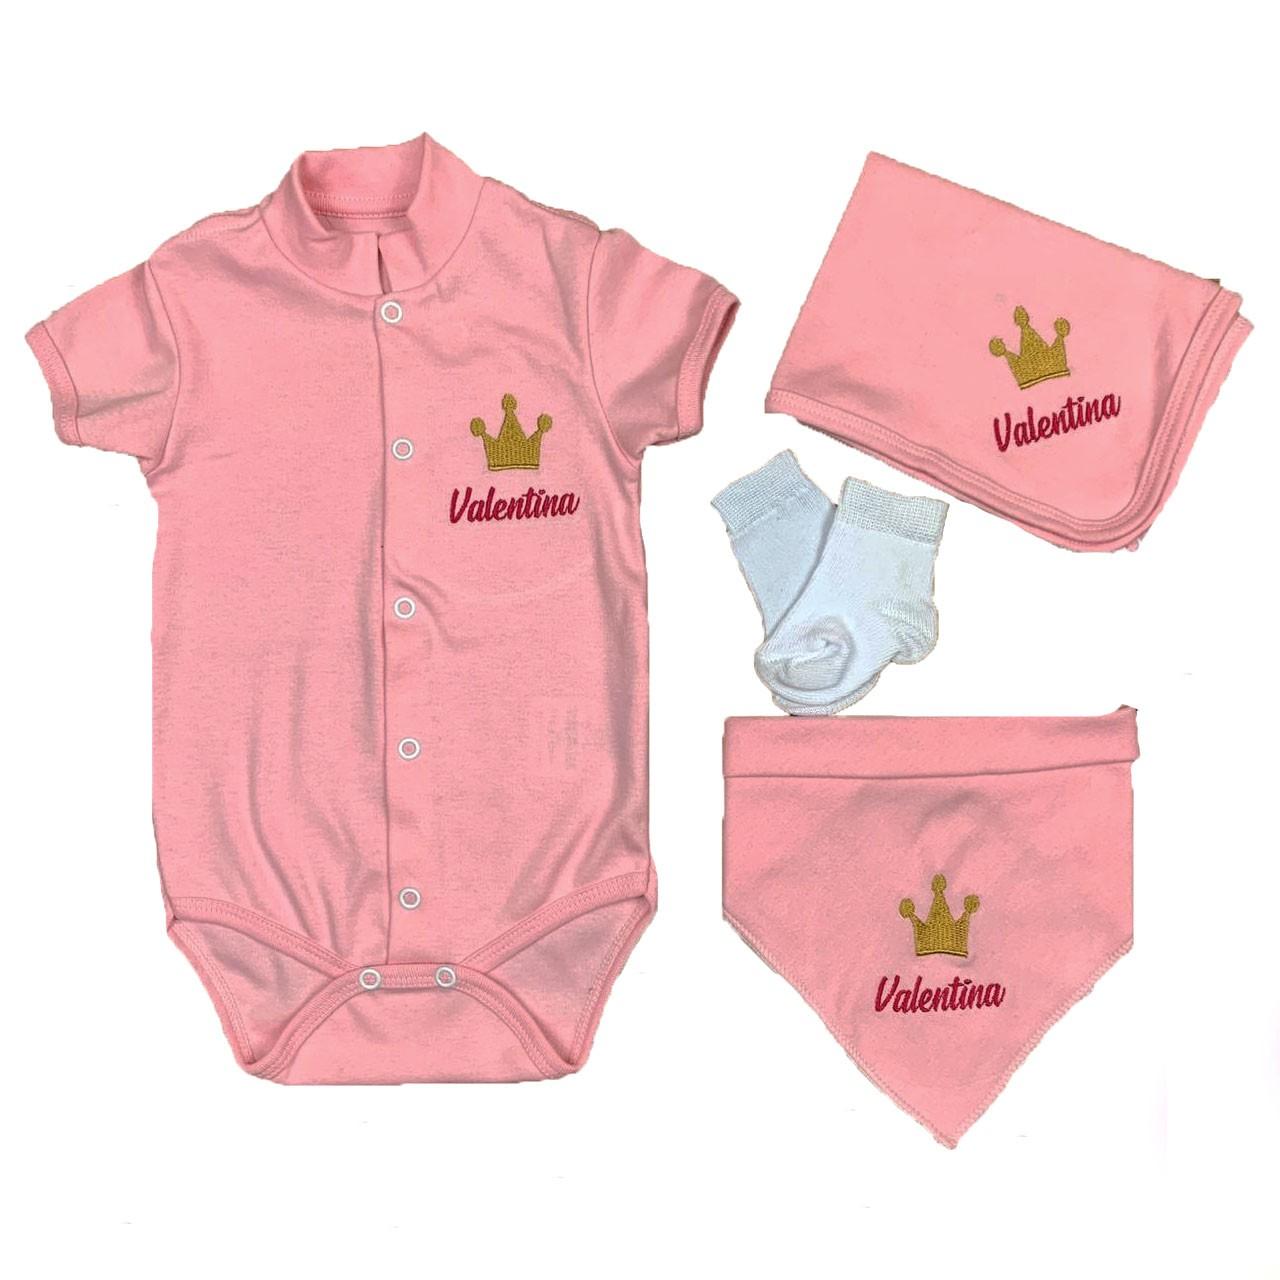 Kit Personalizado com Nome do Bebê - 4 Peças